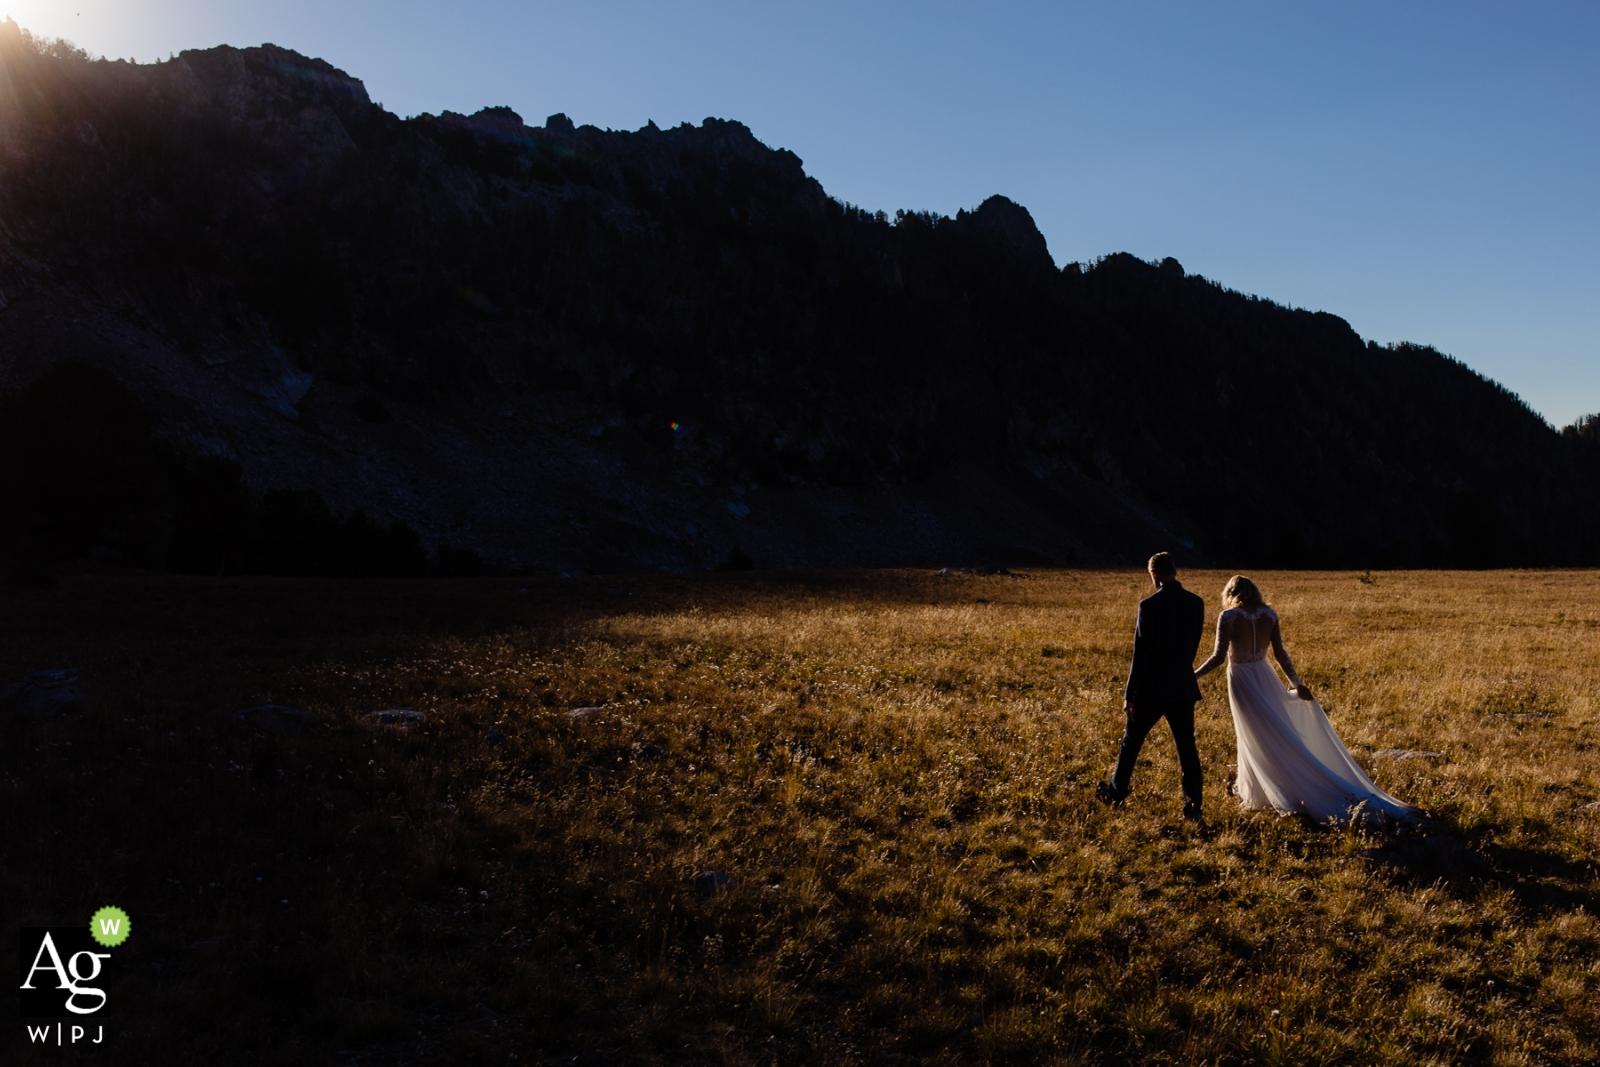 Missoula kreatywne i artystyczne zdjęcia ślubne pary spacerującej o zachodzie słońca na polach - autorstwa fotografa Montany